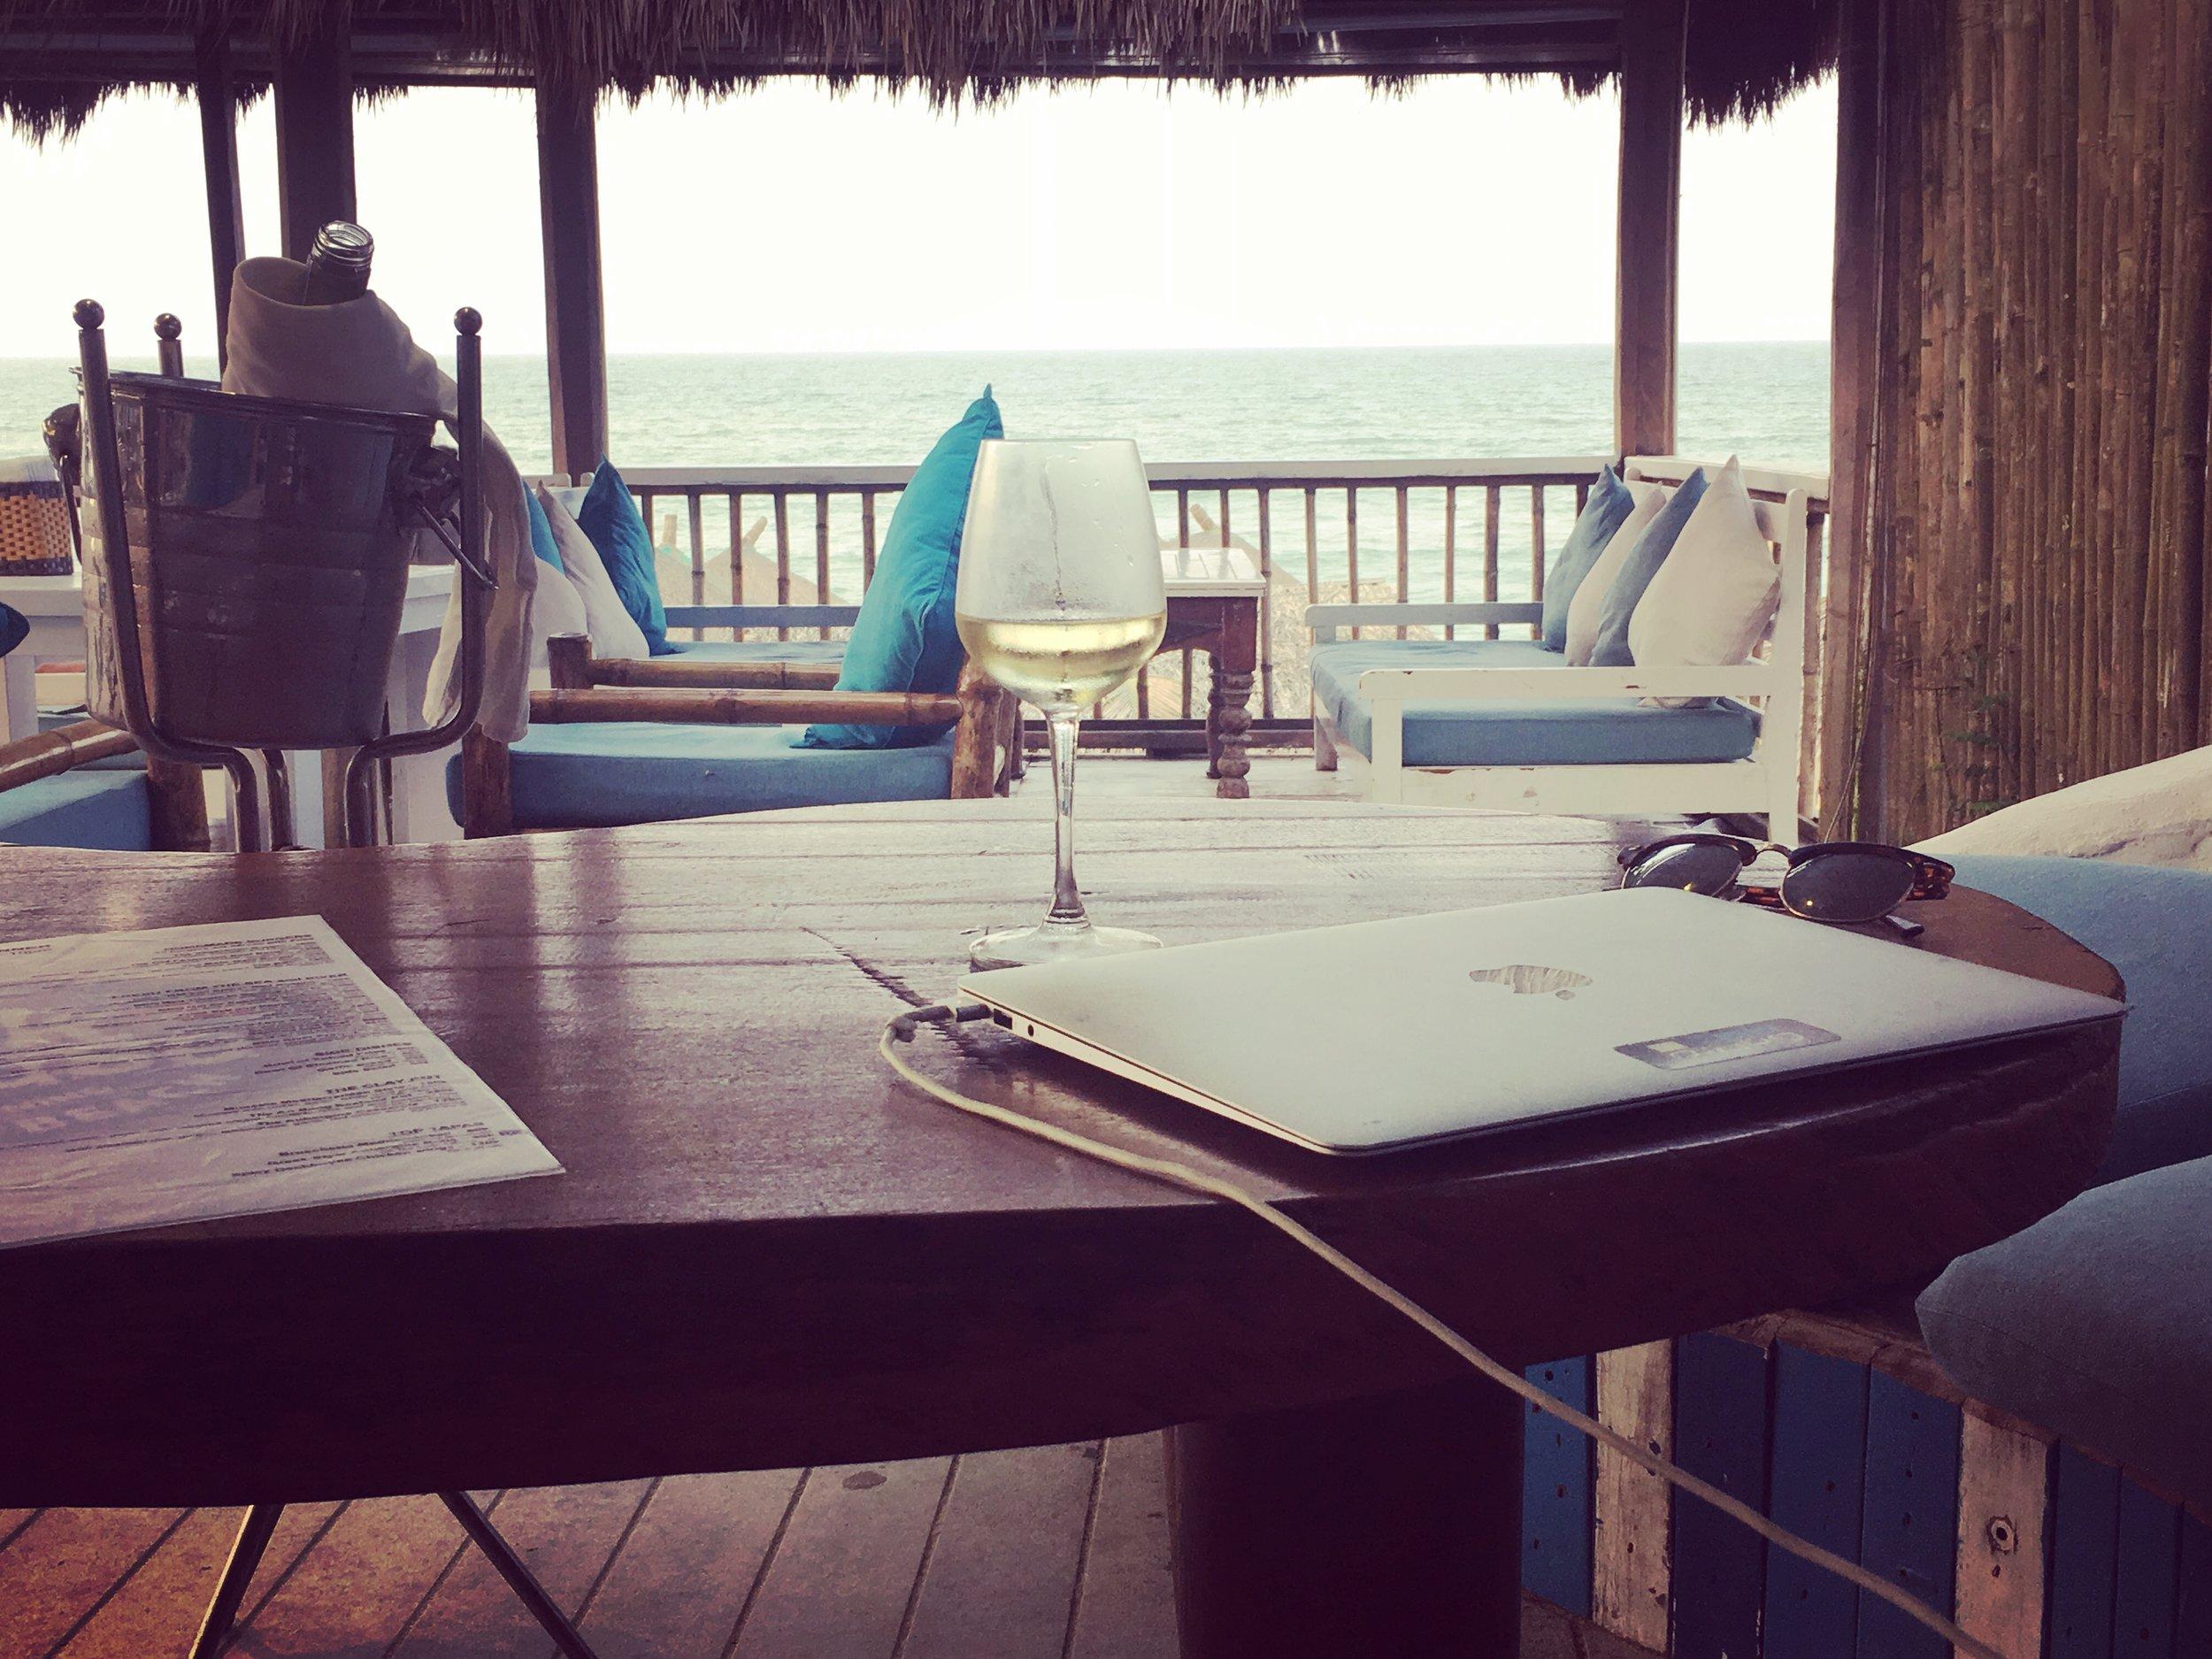 The Deck House, An Bang Beach - a rare treat.